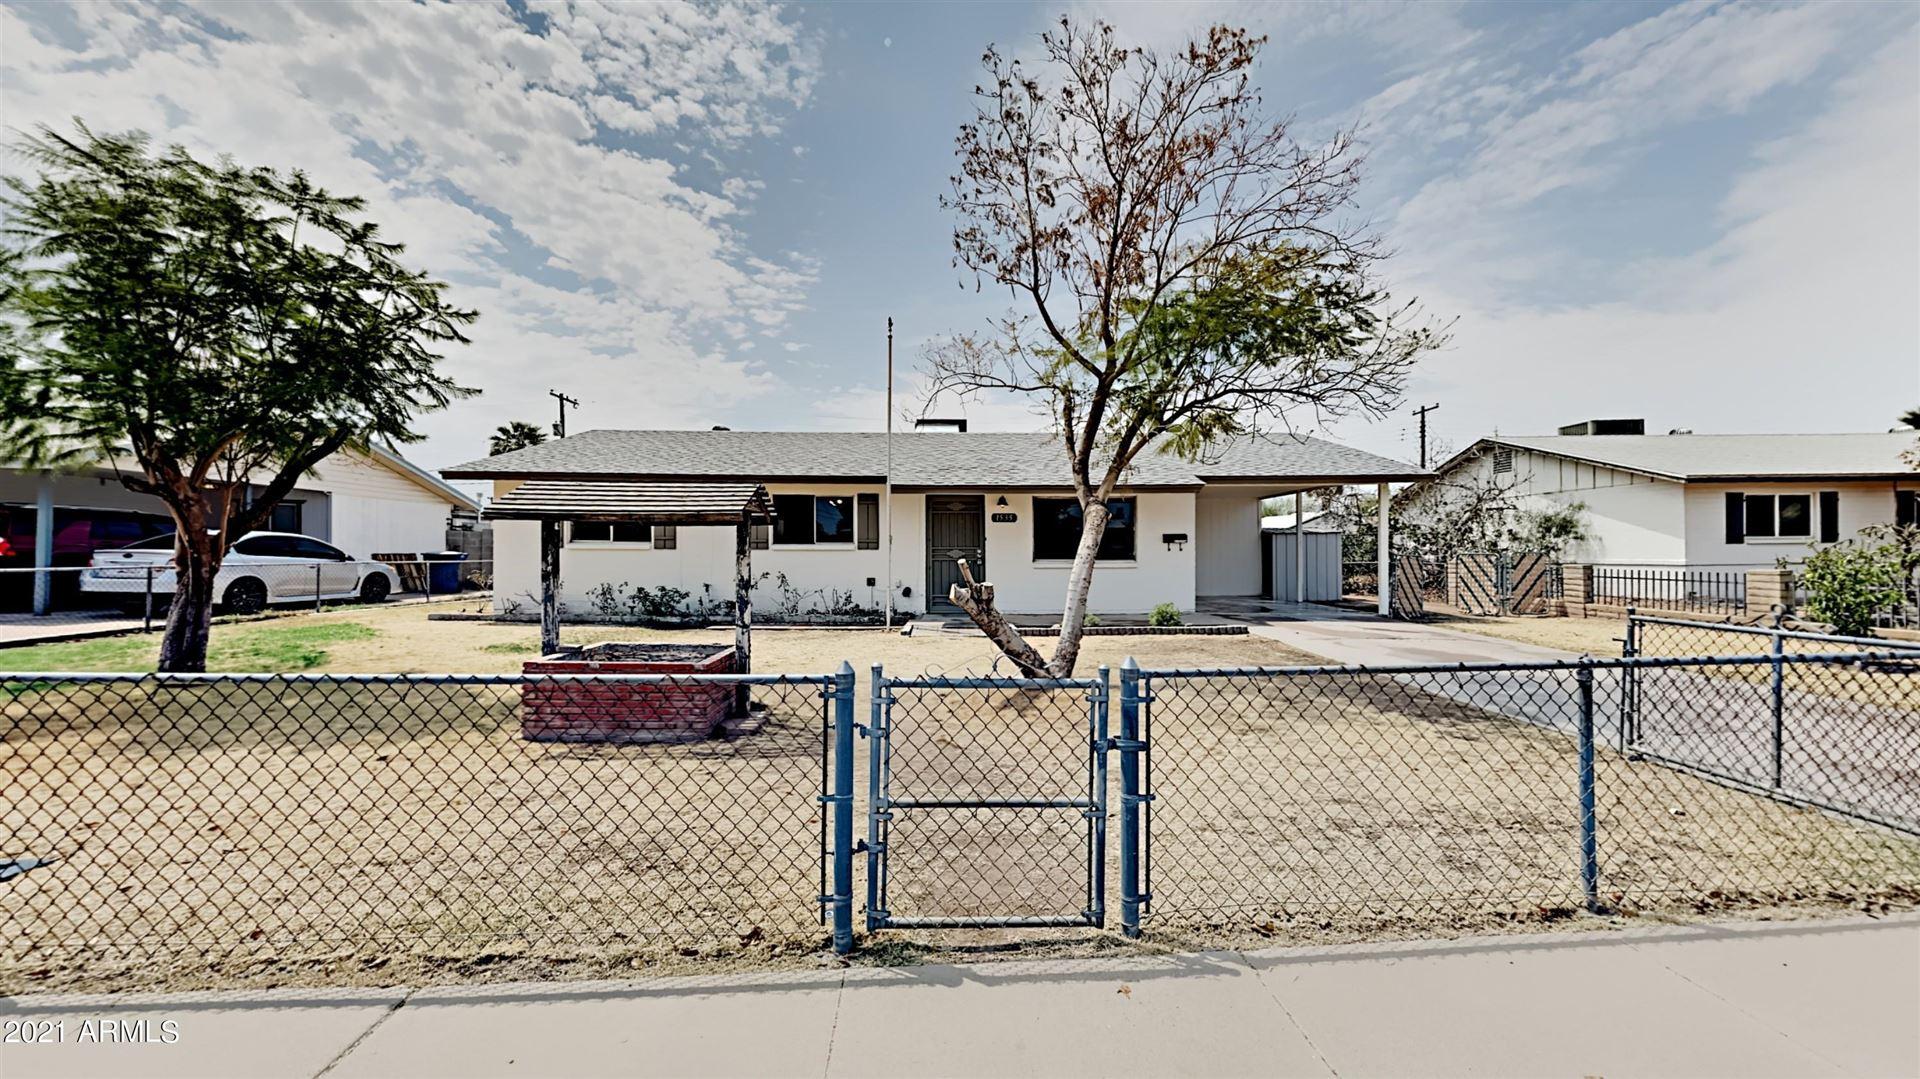 1535 W 5TH Place, Tempe, AZ 85281 - MLS#: 6270168